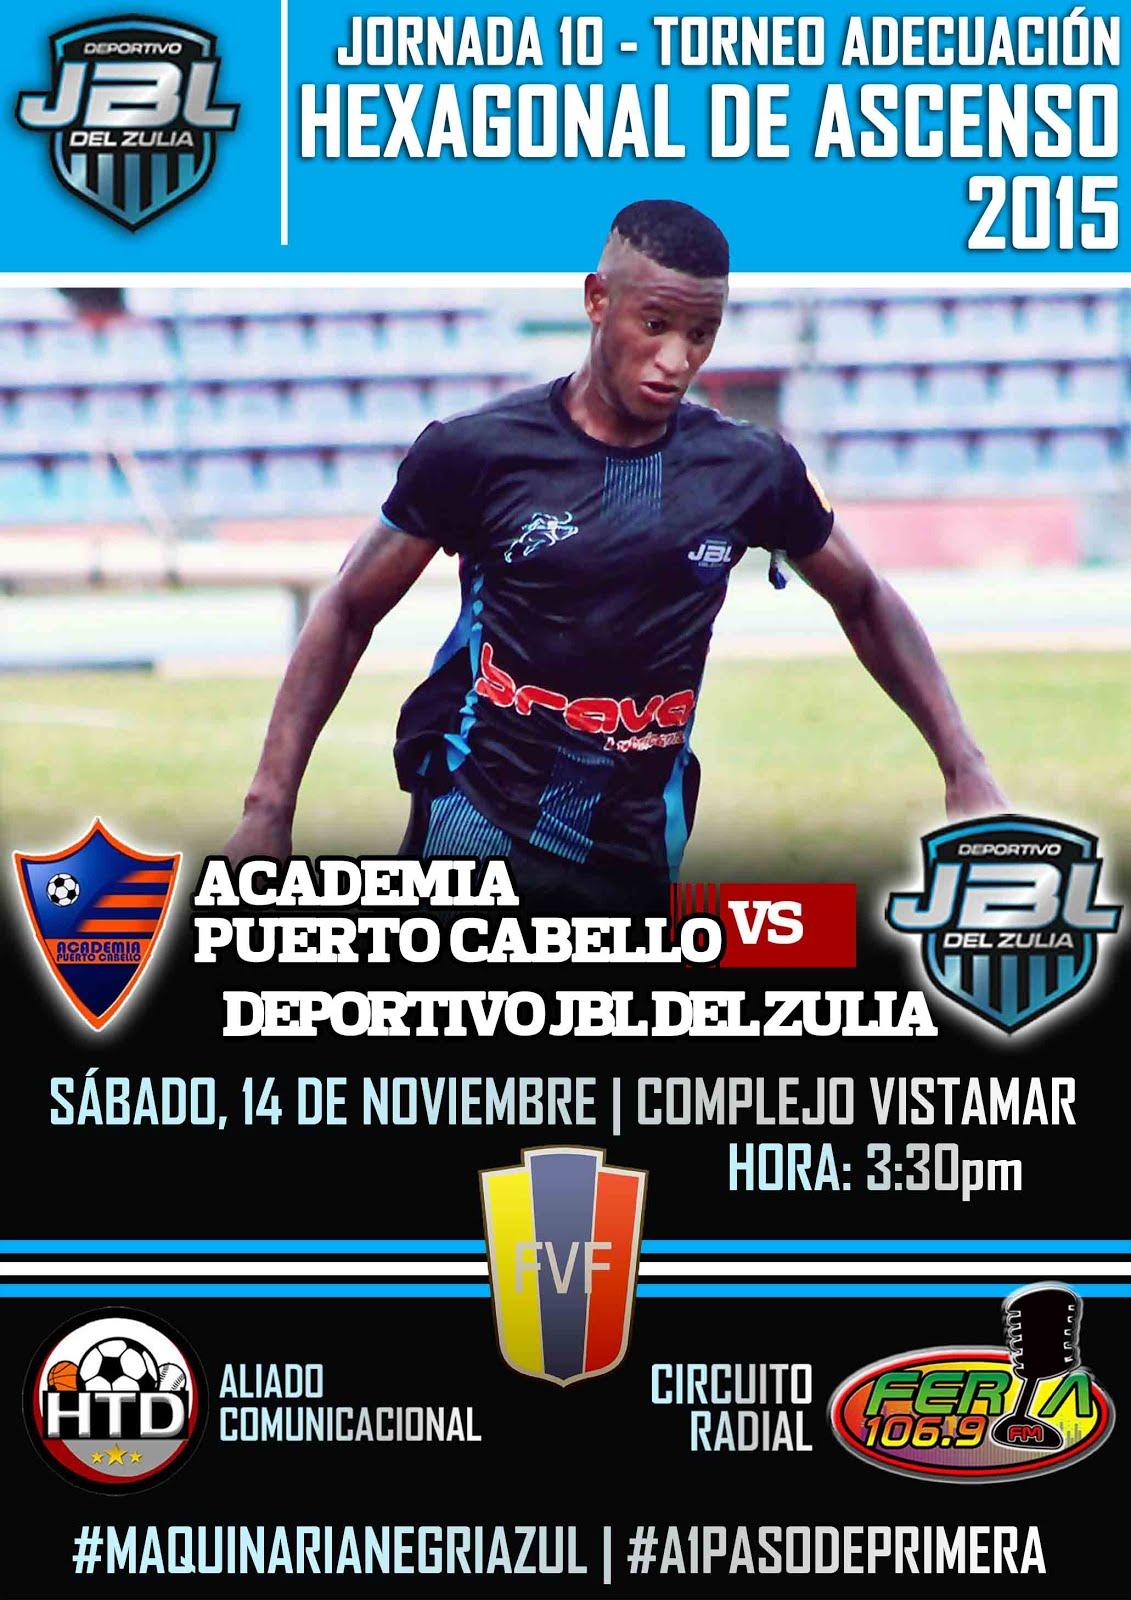 J10 Hexagonal Victoria 1-2 vs Academia Puerto Cabello